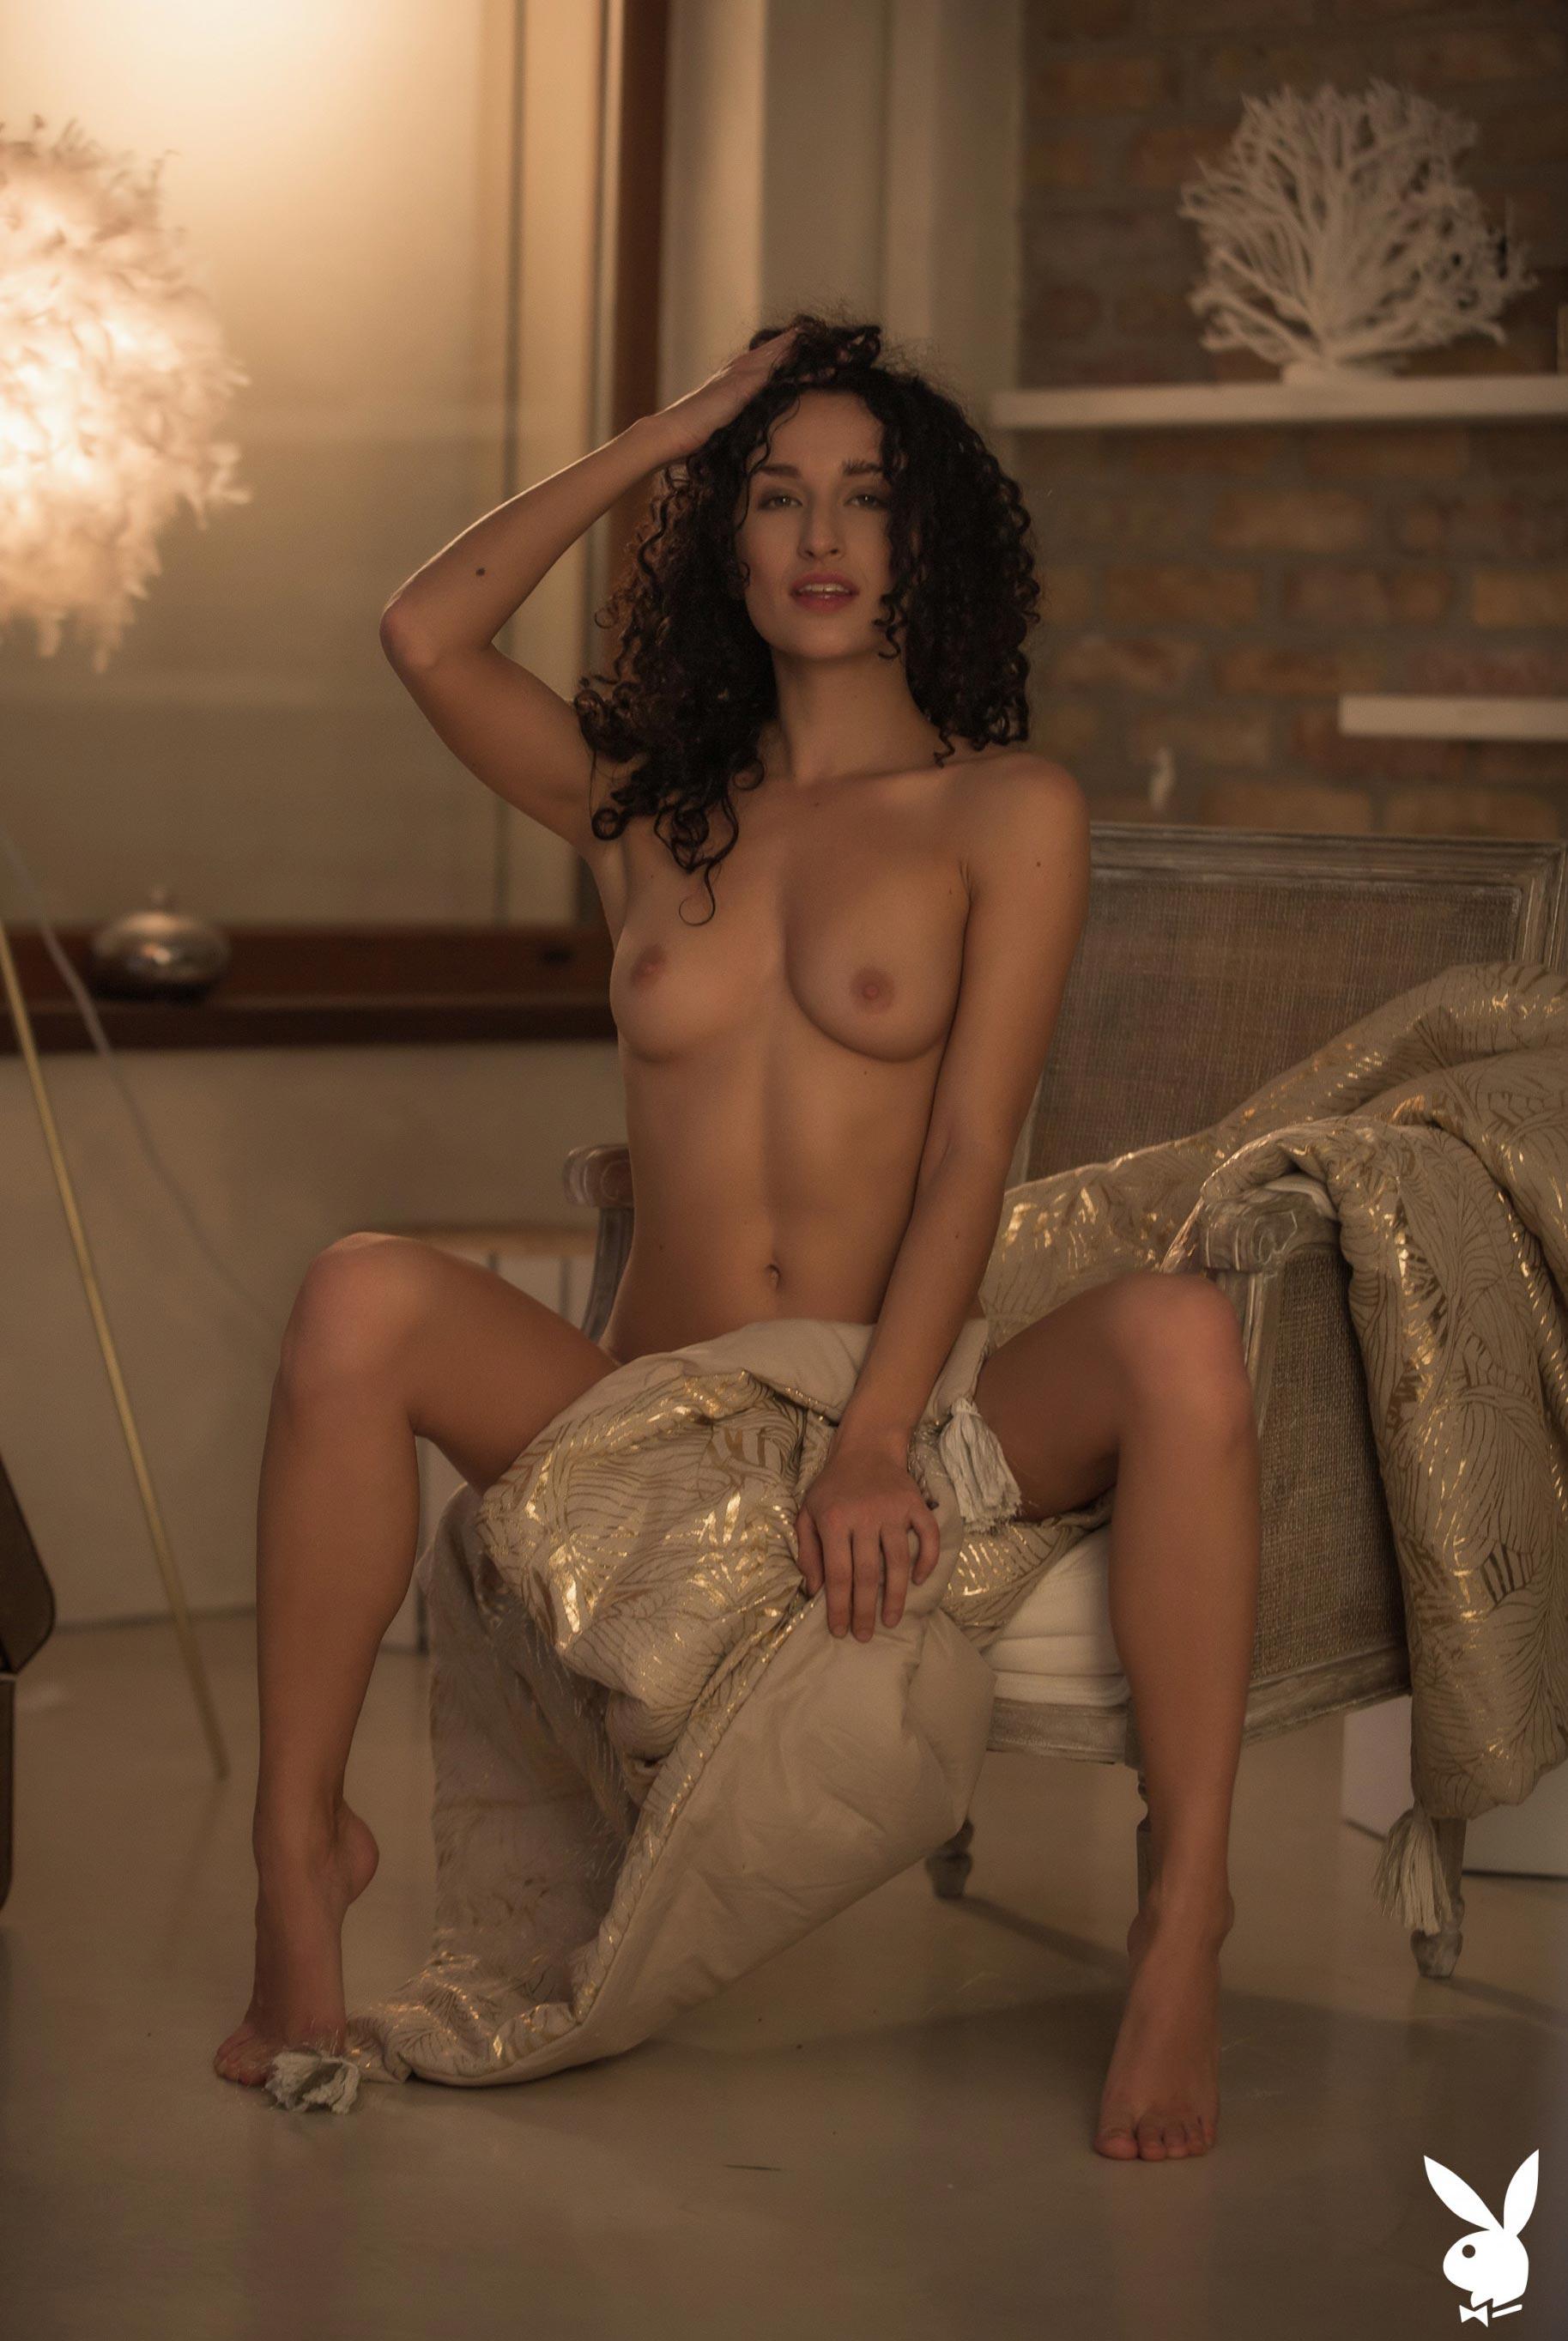 сексуальная венгерская модель Люси в спокойной домашней обстановке / фото 10